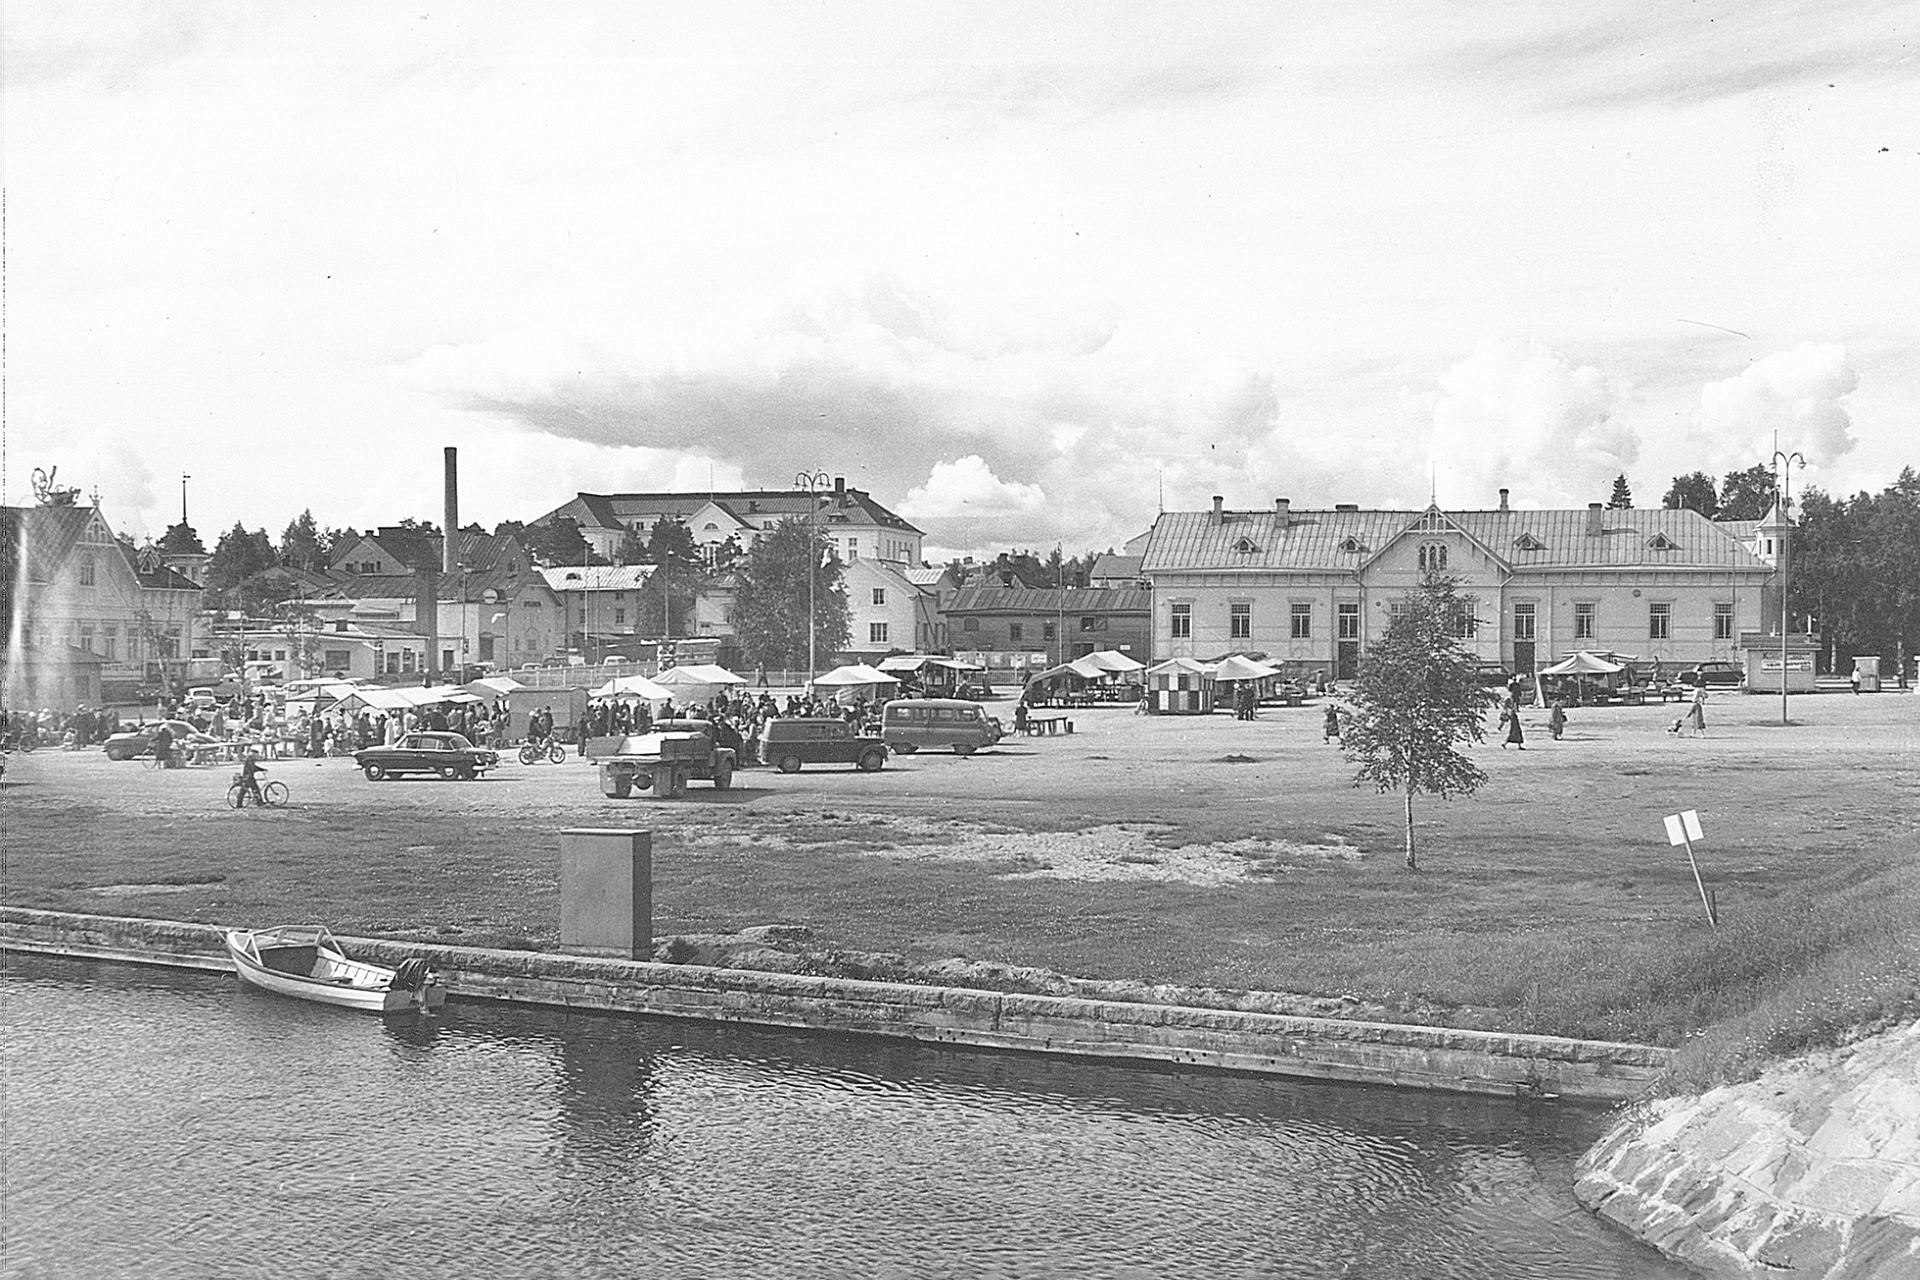 Vanhavalokuva Kajaanin kauppatorin rannasta. Taustalla näkyy teatteri